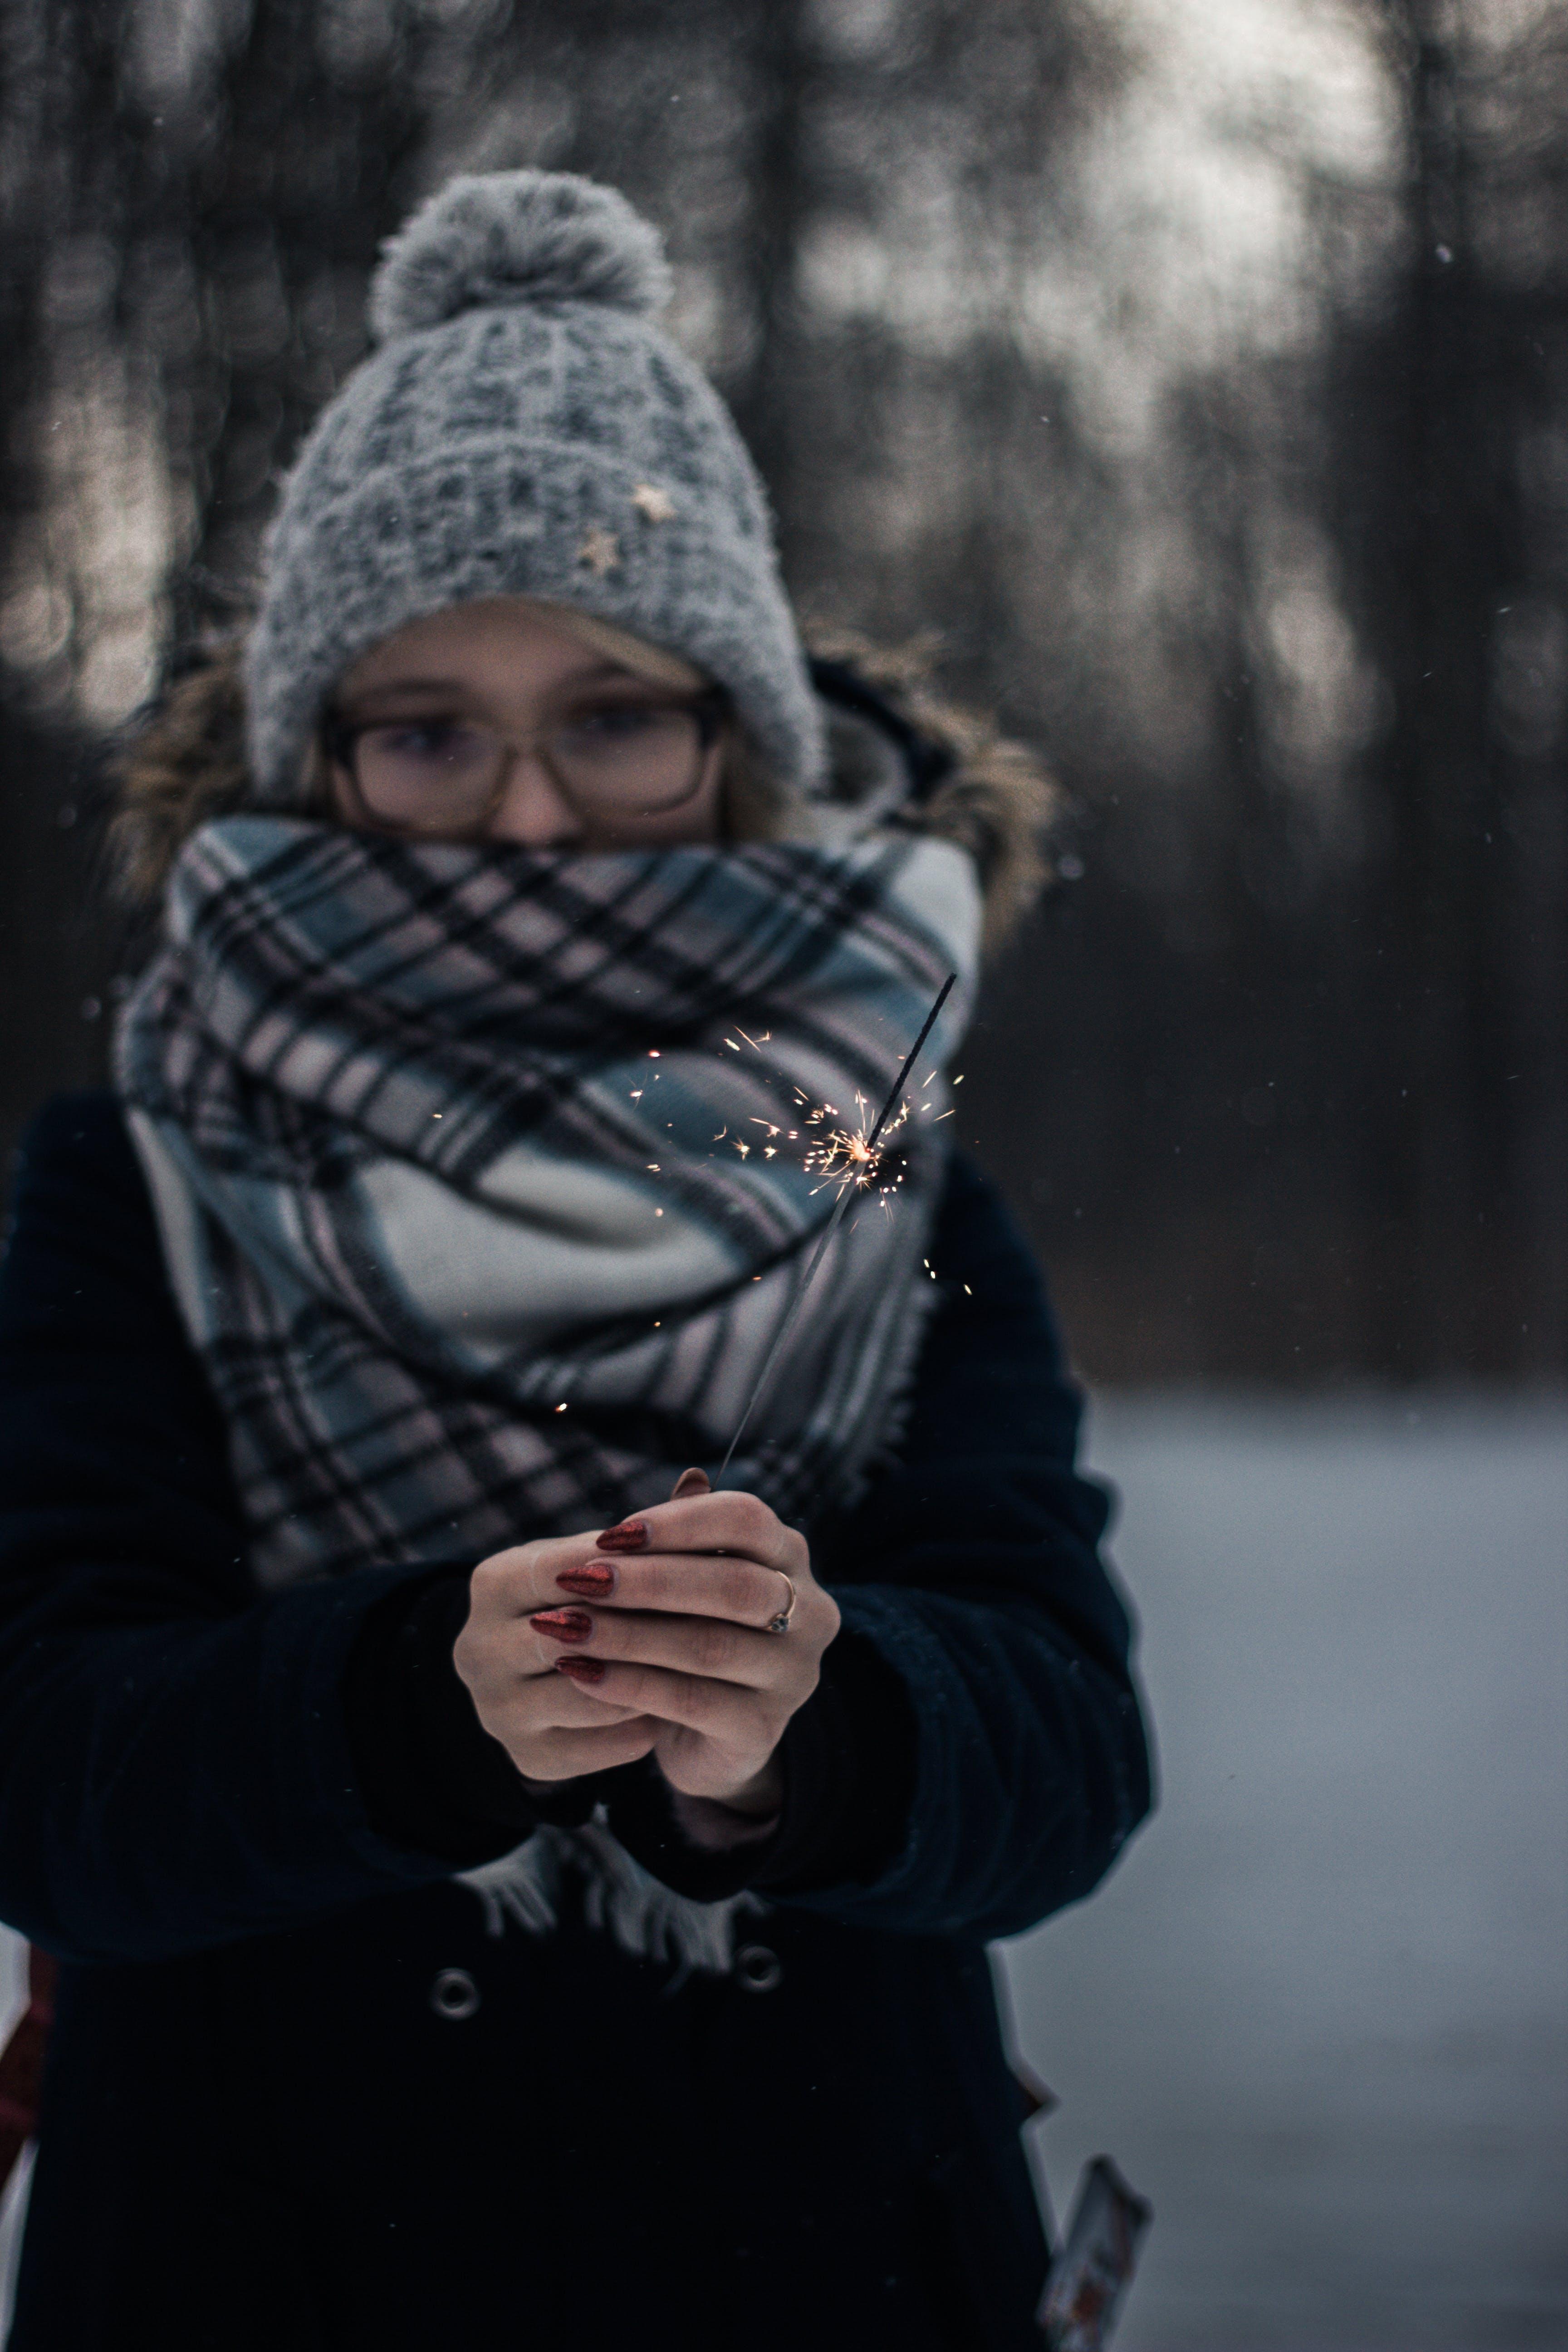 Δωρεάν στοκ φωτογραφιών με άνθρωπος, αστράκι, γυναίκα, κρύο